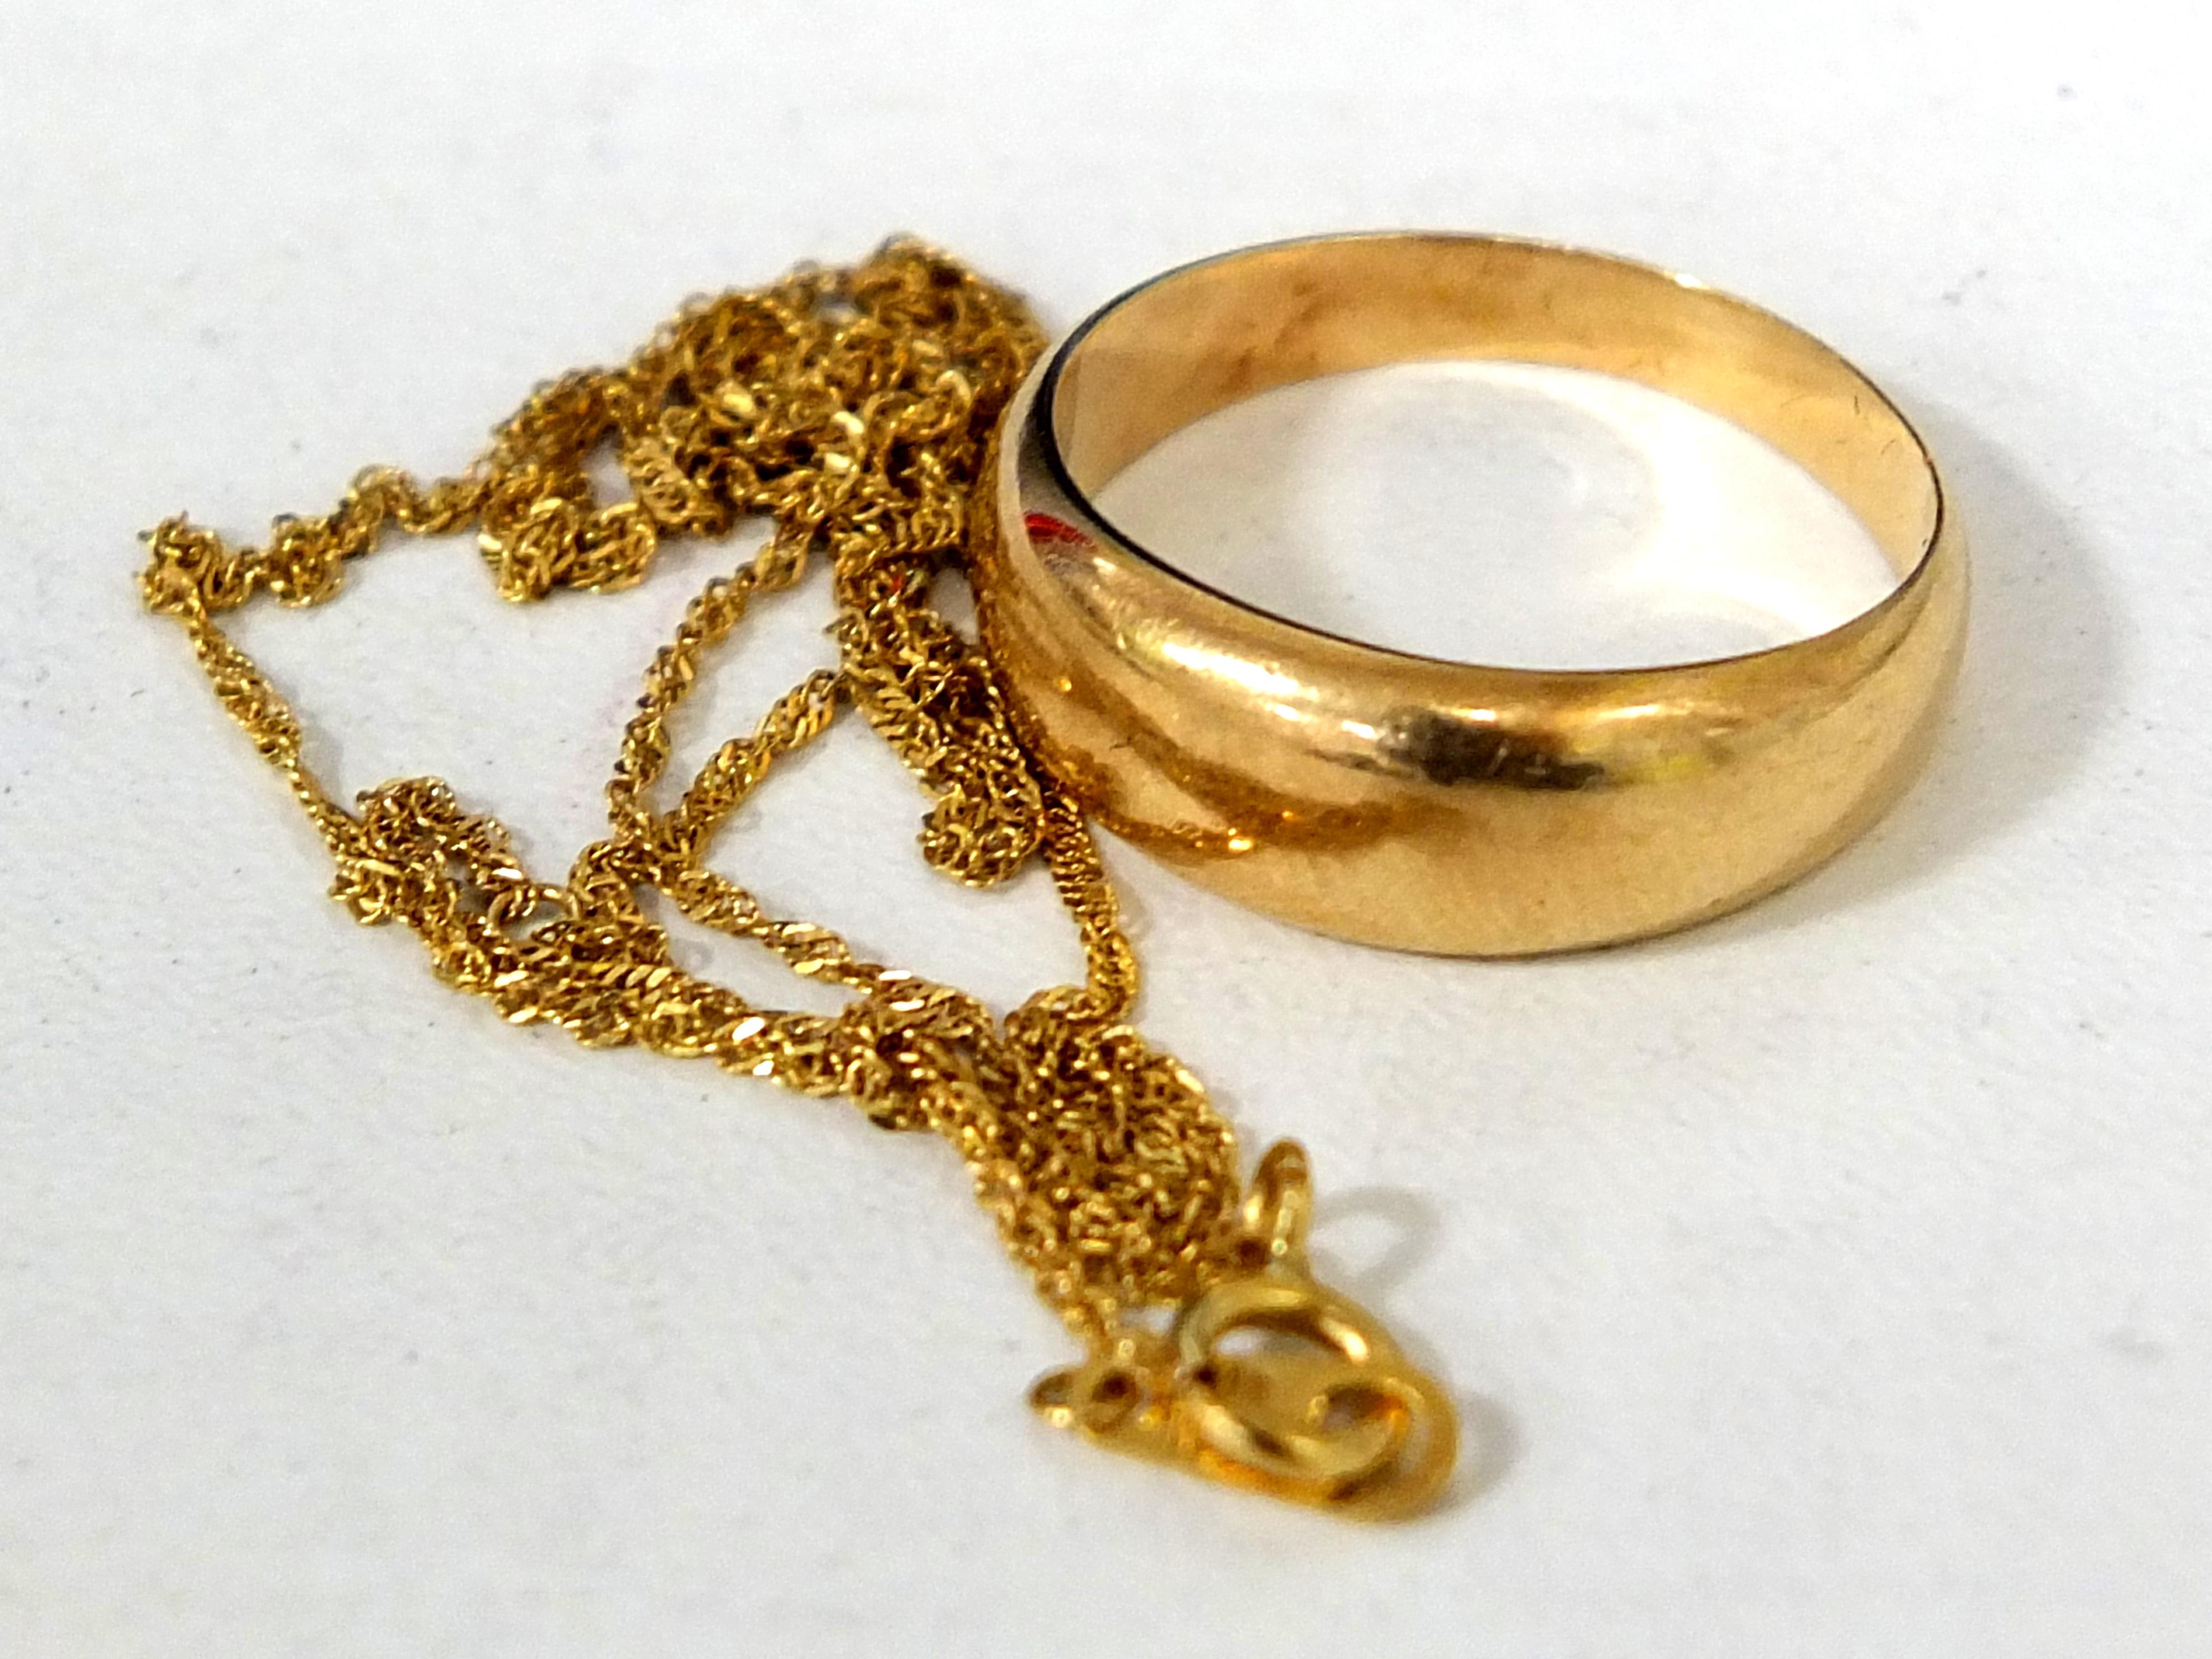 本物の金とメッキ品を見分けるたった3つの方法